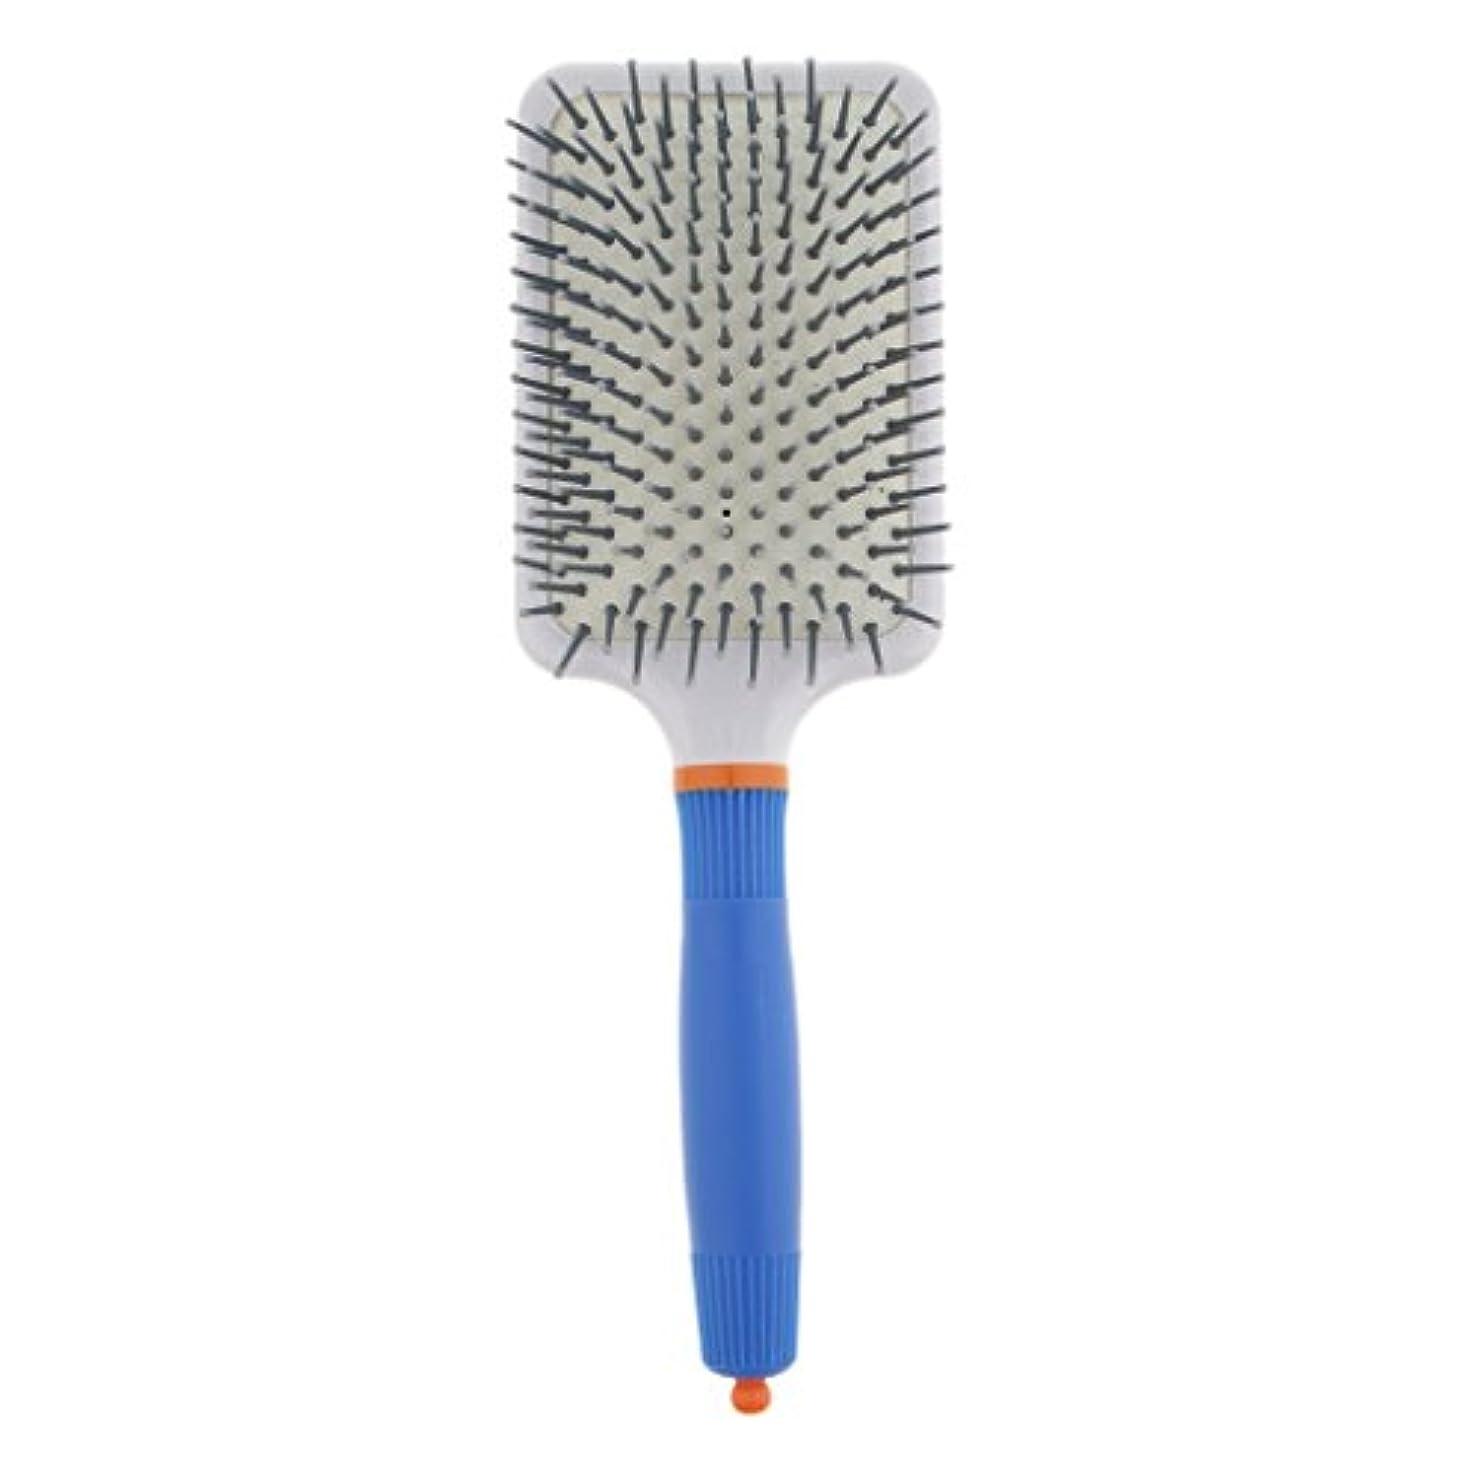 スラダムたるみ誕生日T TOOYFUL プラスチック製 ブラシ 頭皮マッサージブラシ フラットヘアブラシ 櫛 静電気防止 全2色 - ダークブルー